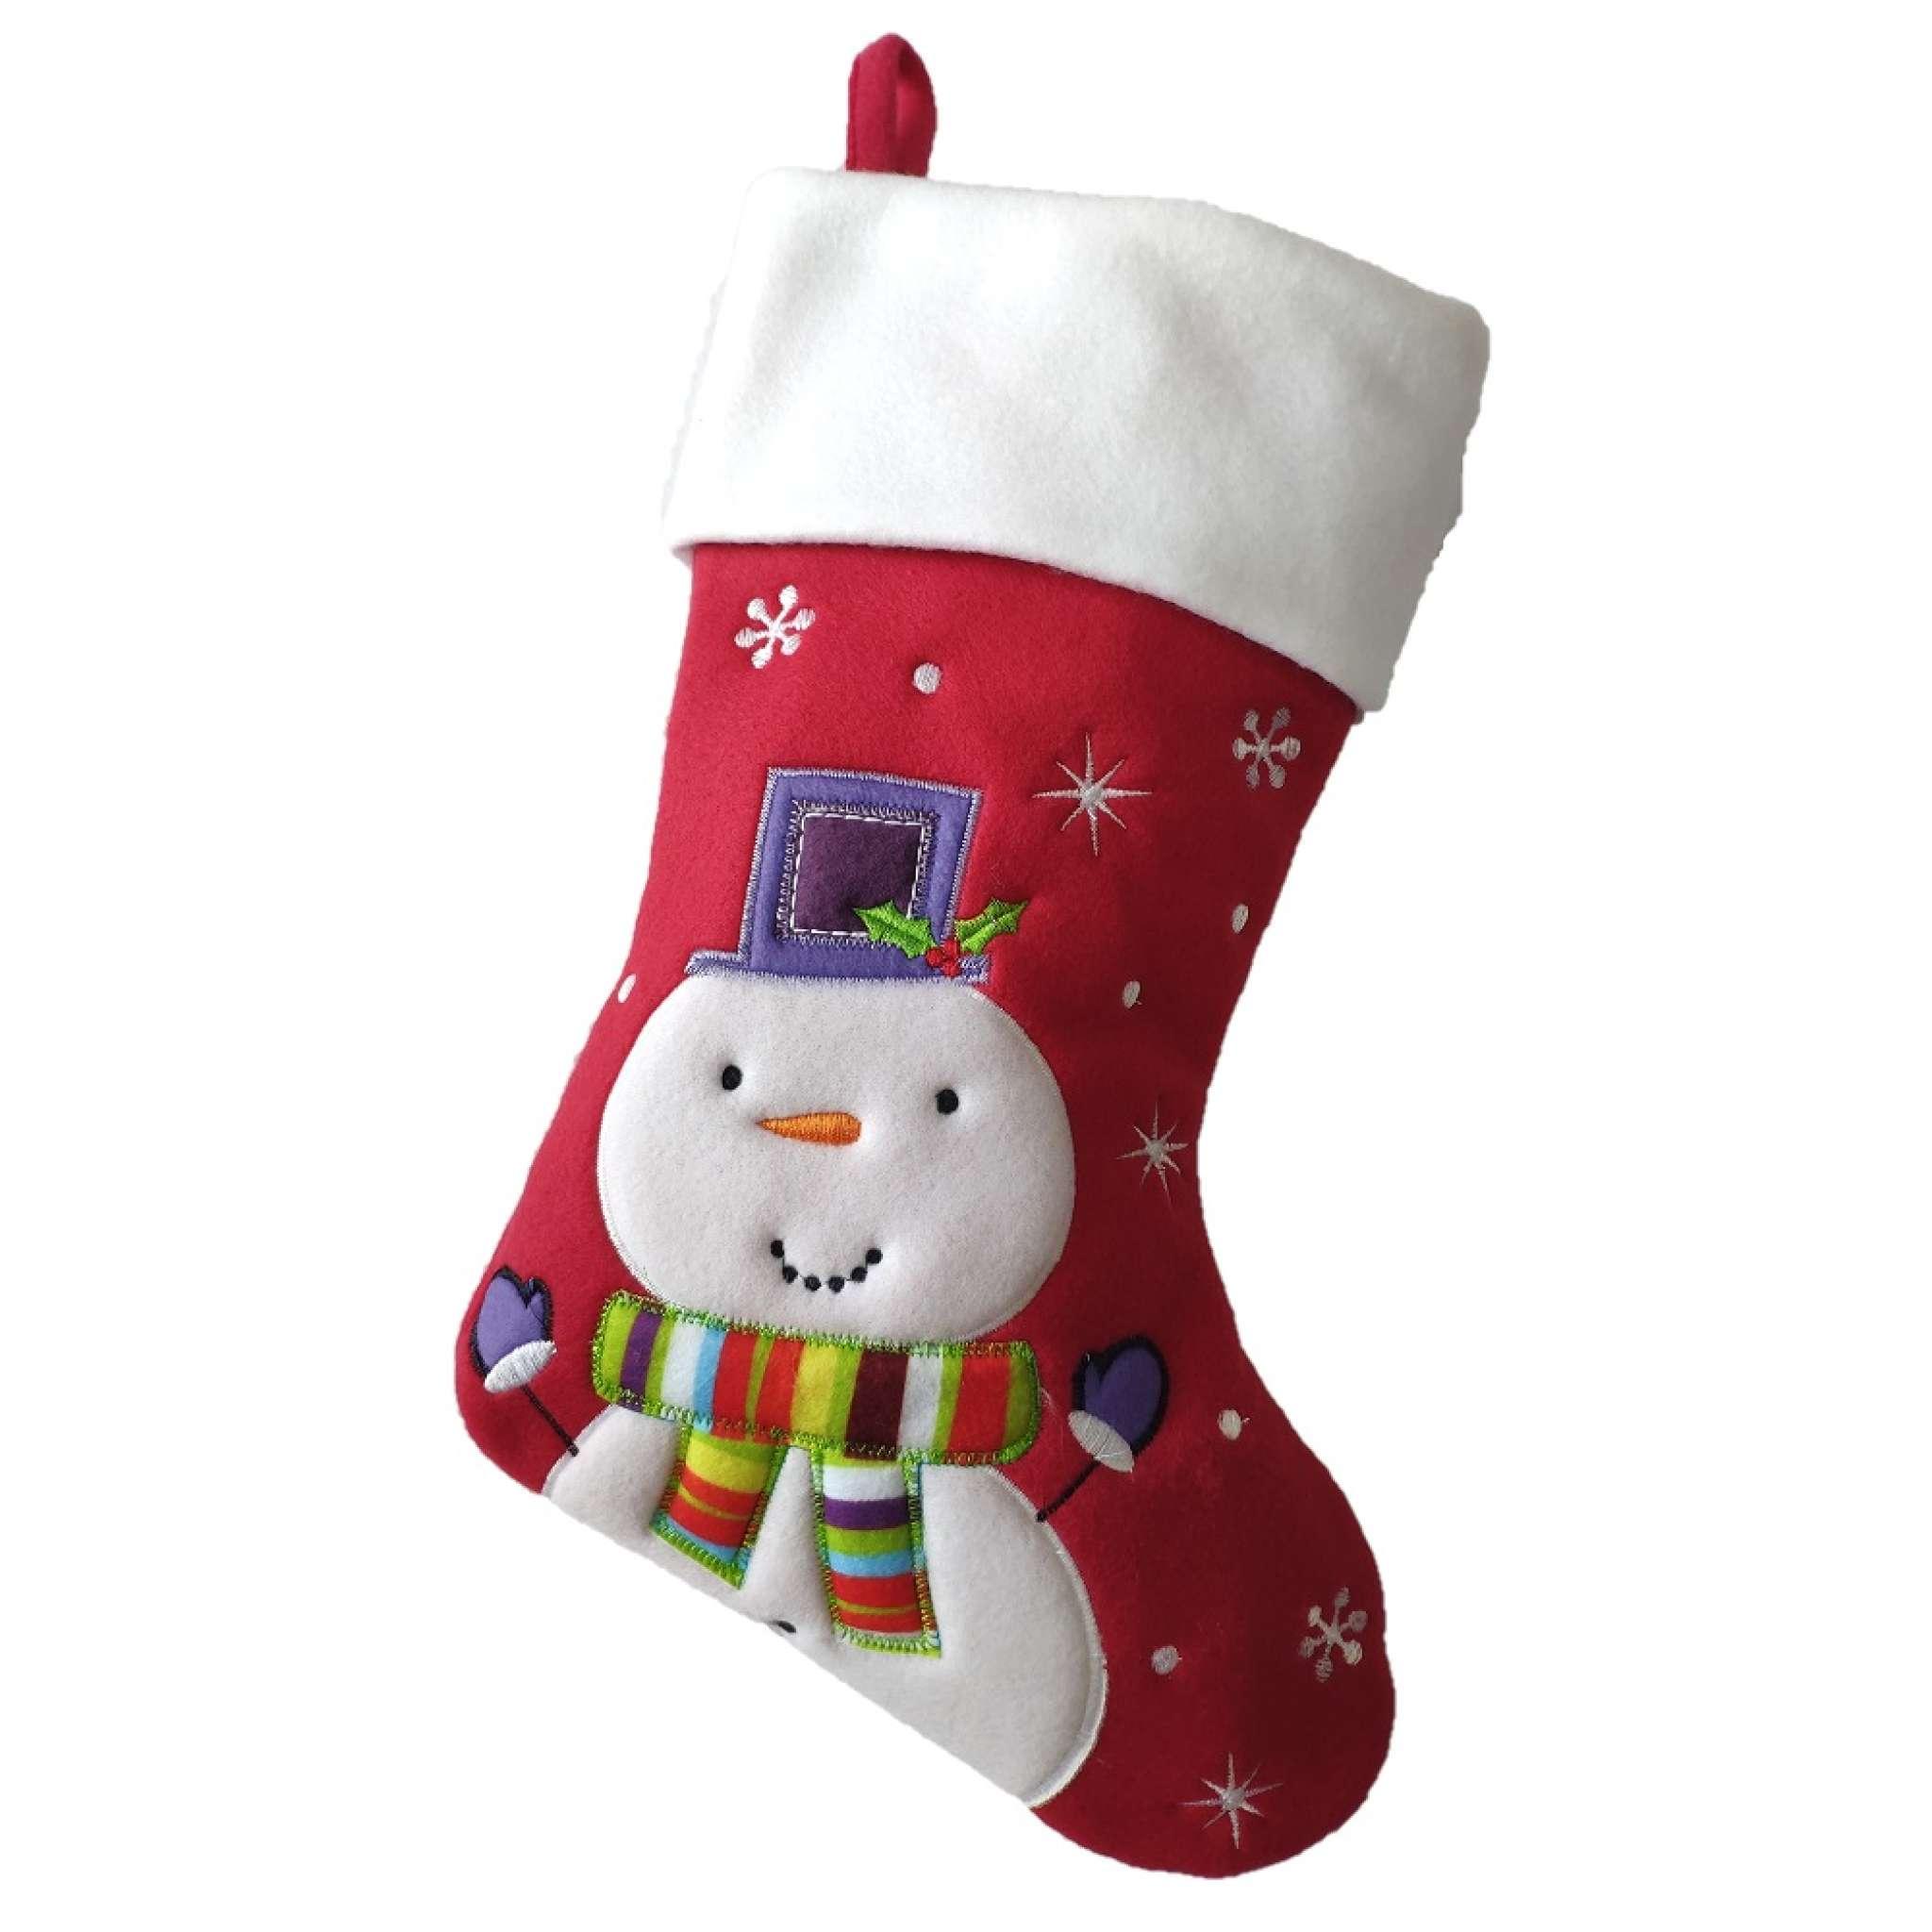 Julestrømpe Premium, Snømann lilla hatt